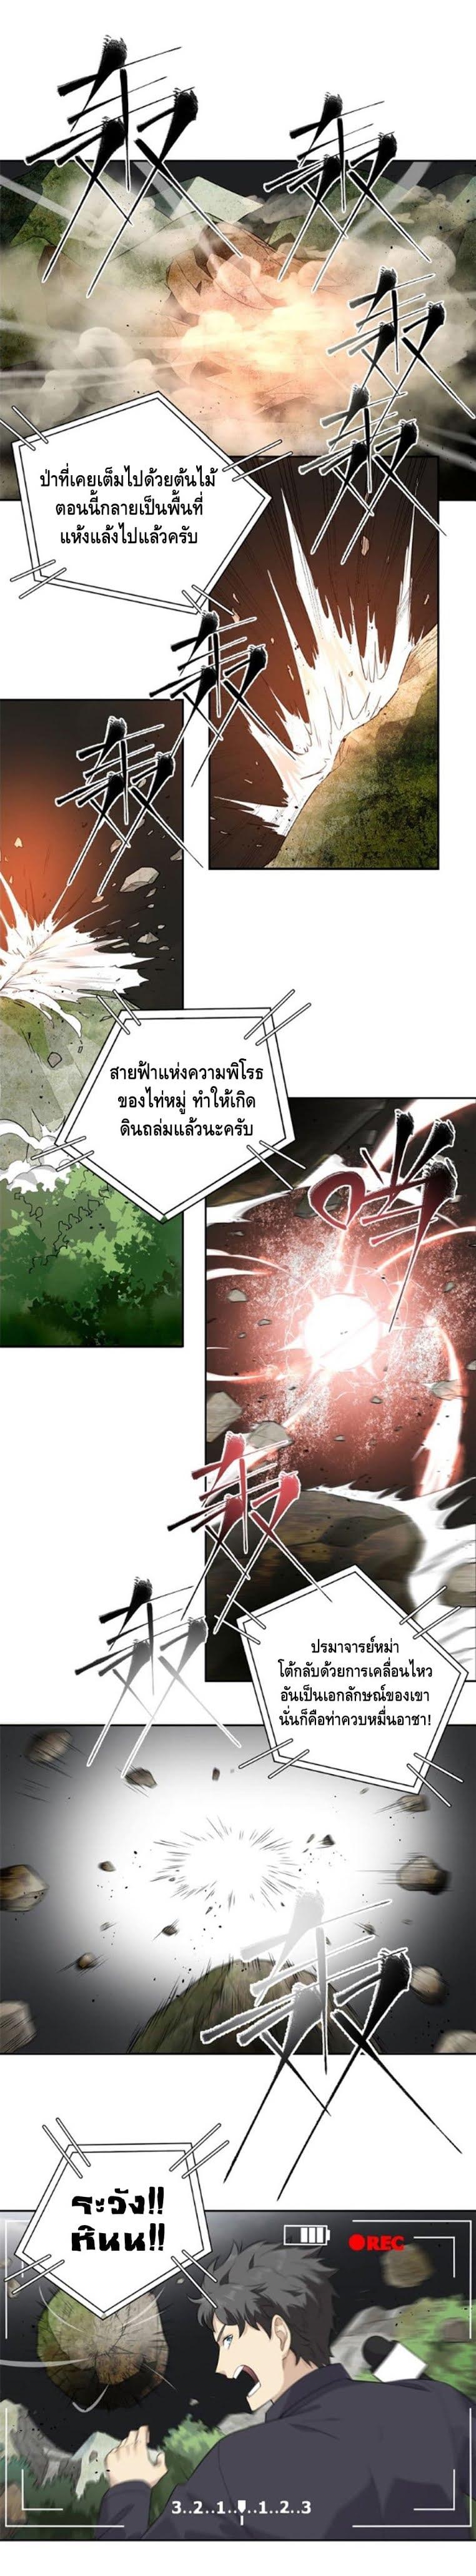 อ่านการ์ตูน Super System in Parallel World ตอนที่ 12 หน้าที่ 13